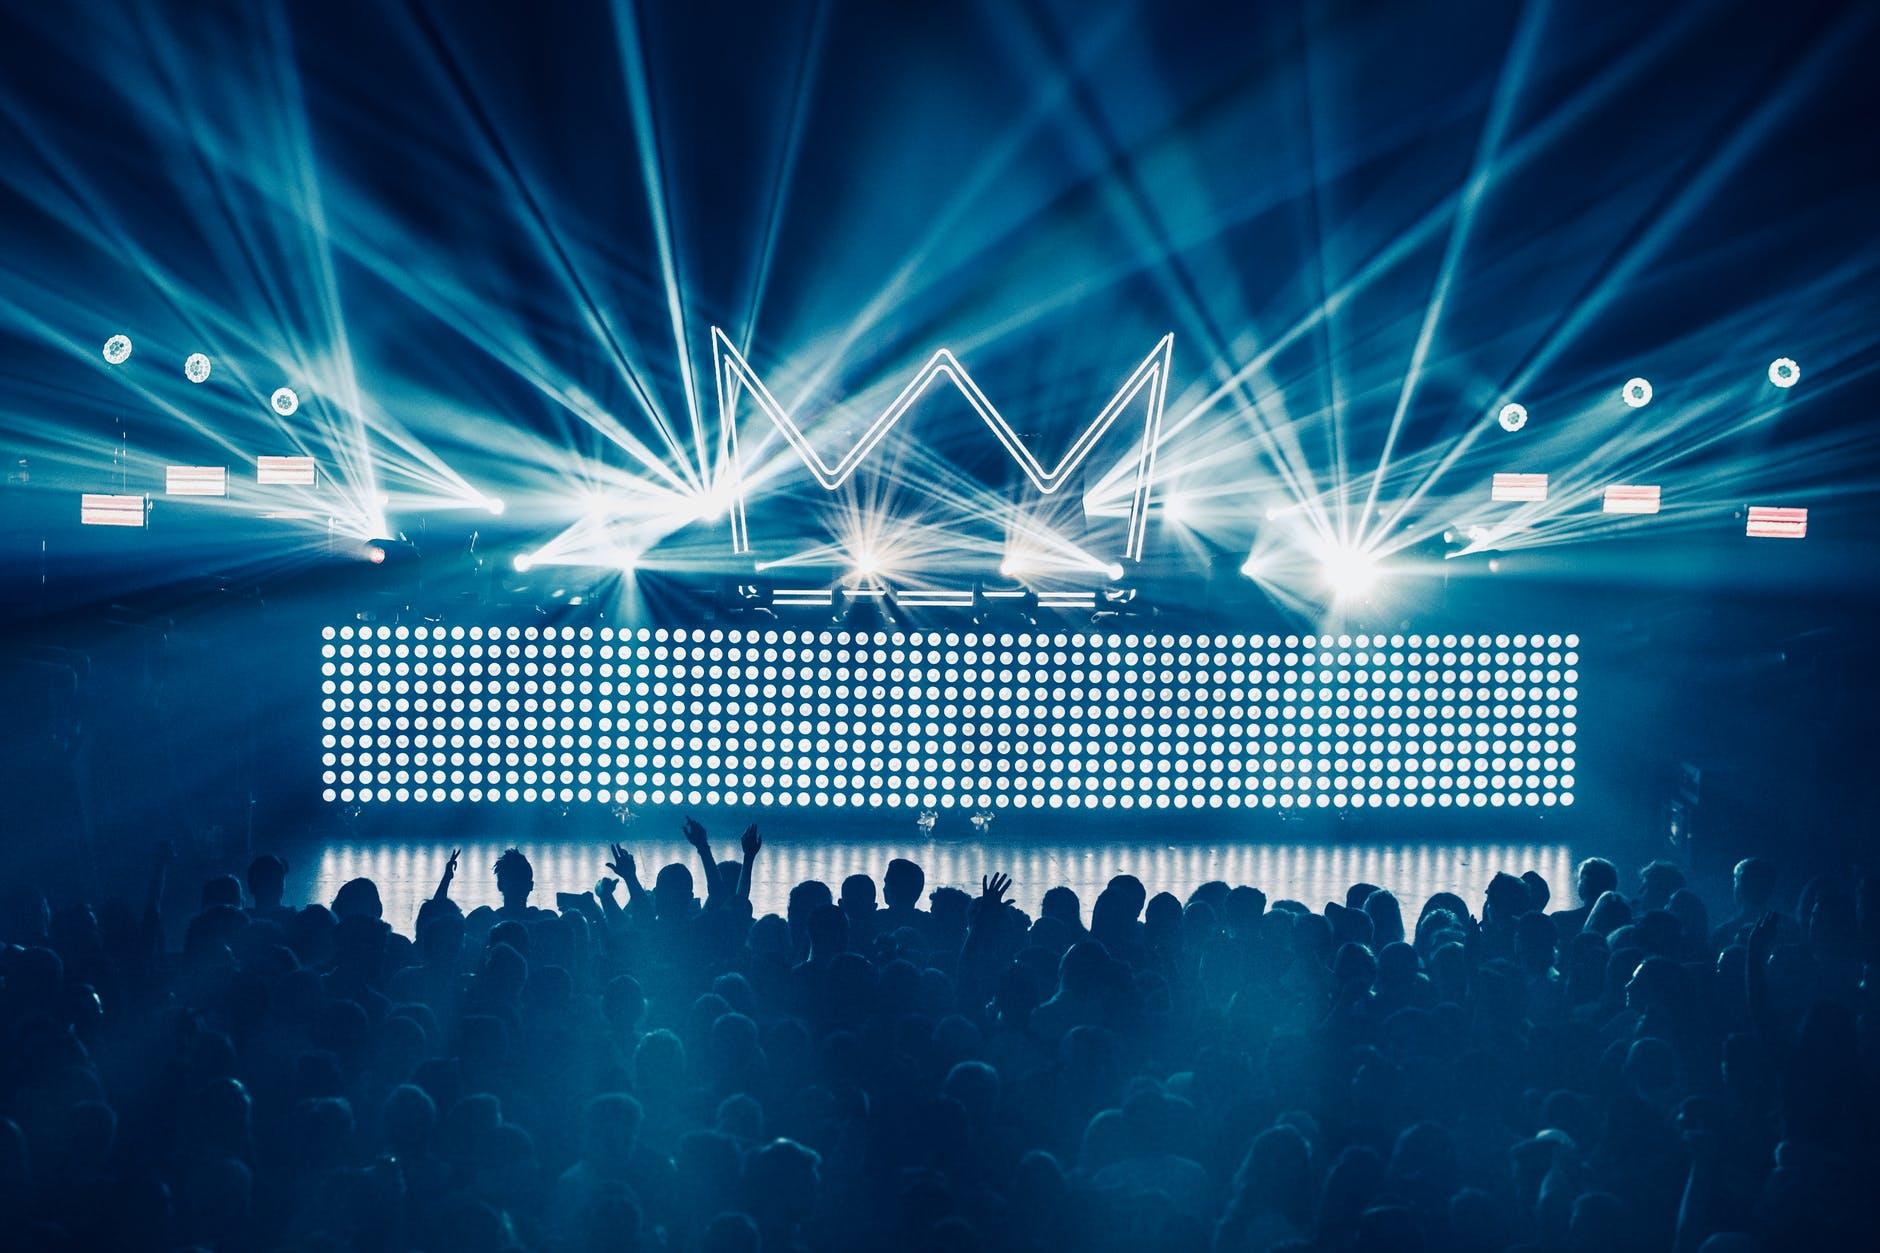 silhouette of dancing people inside club